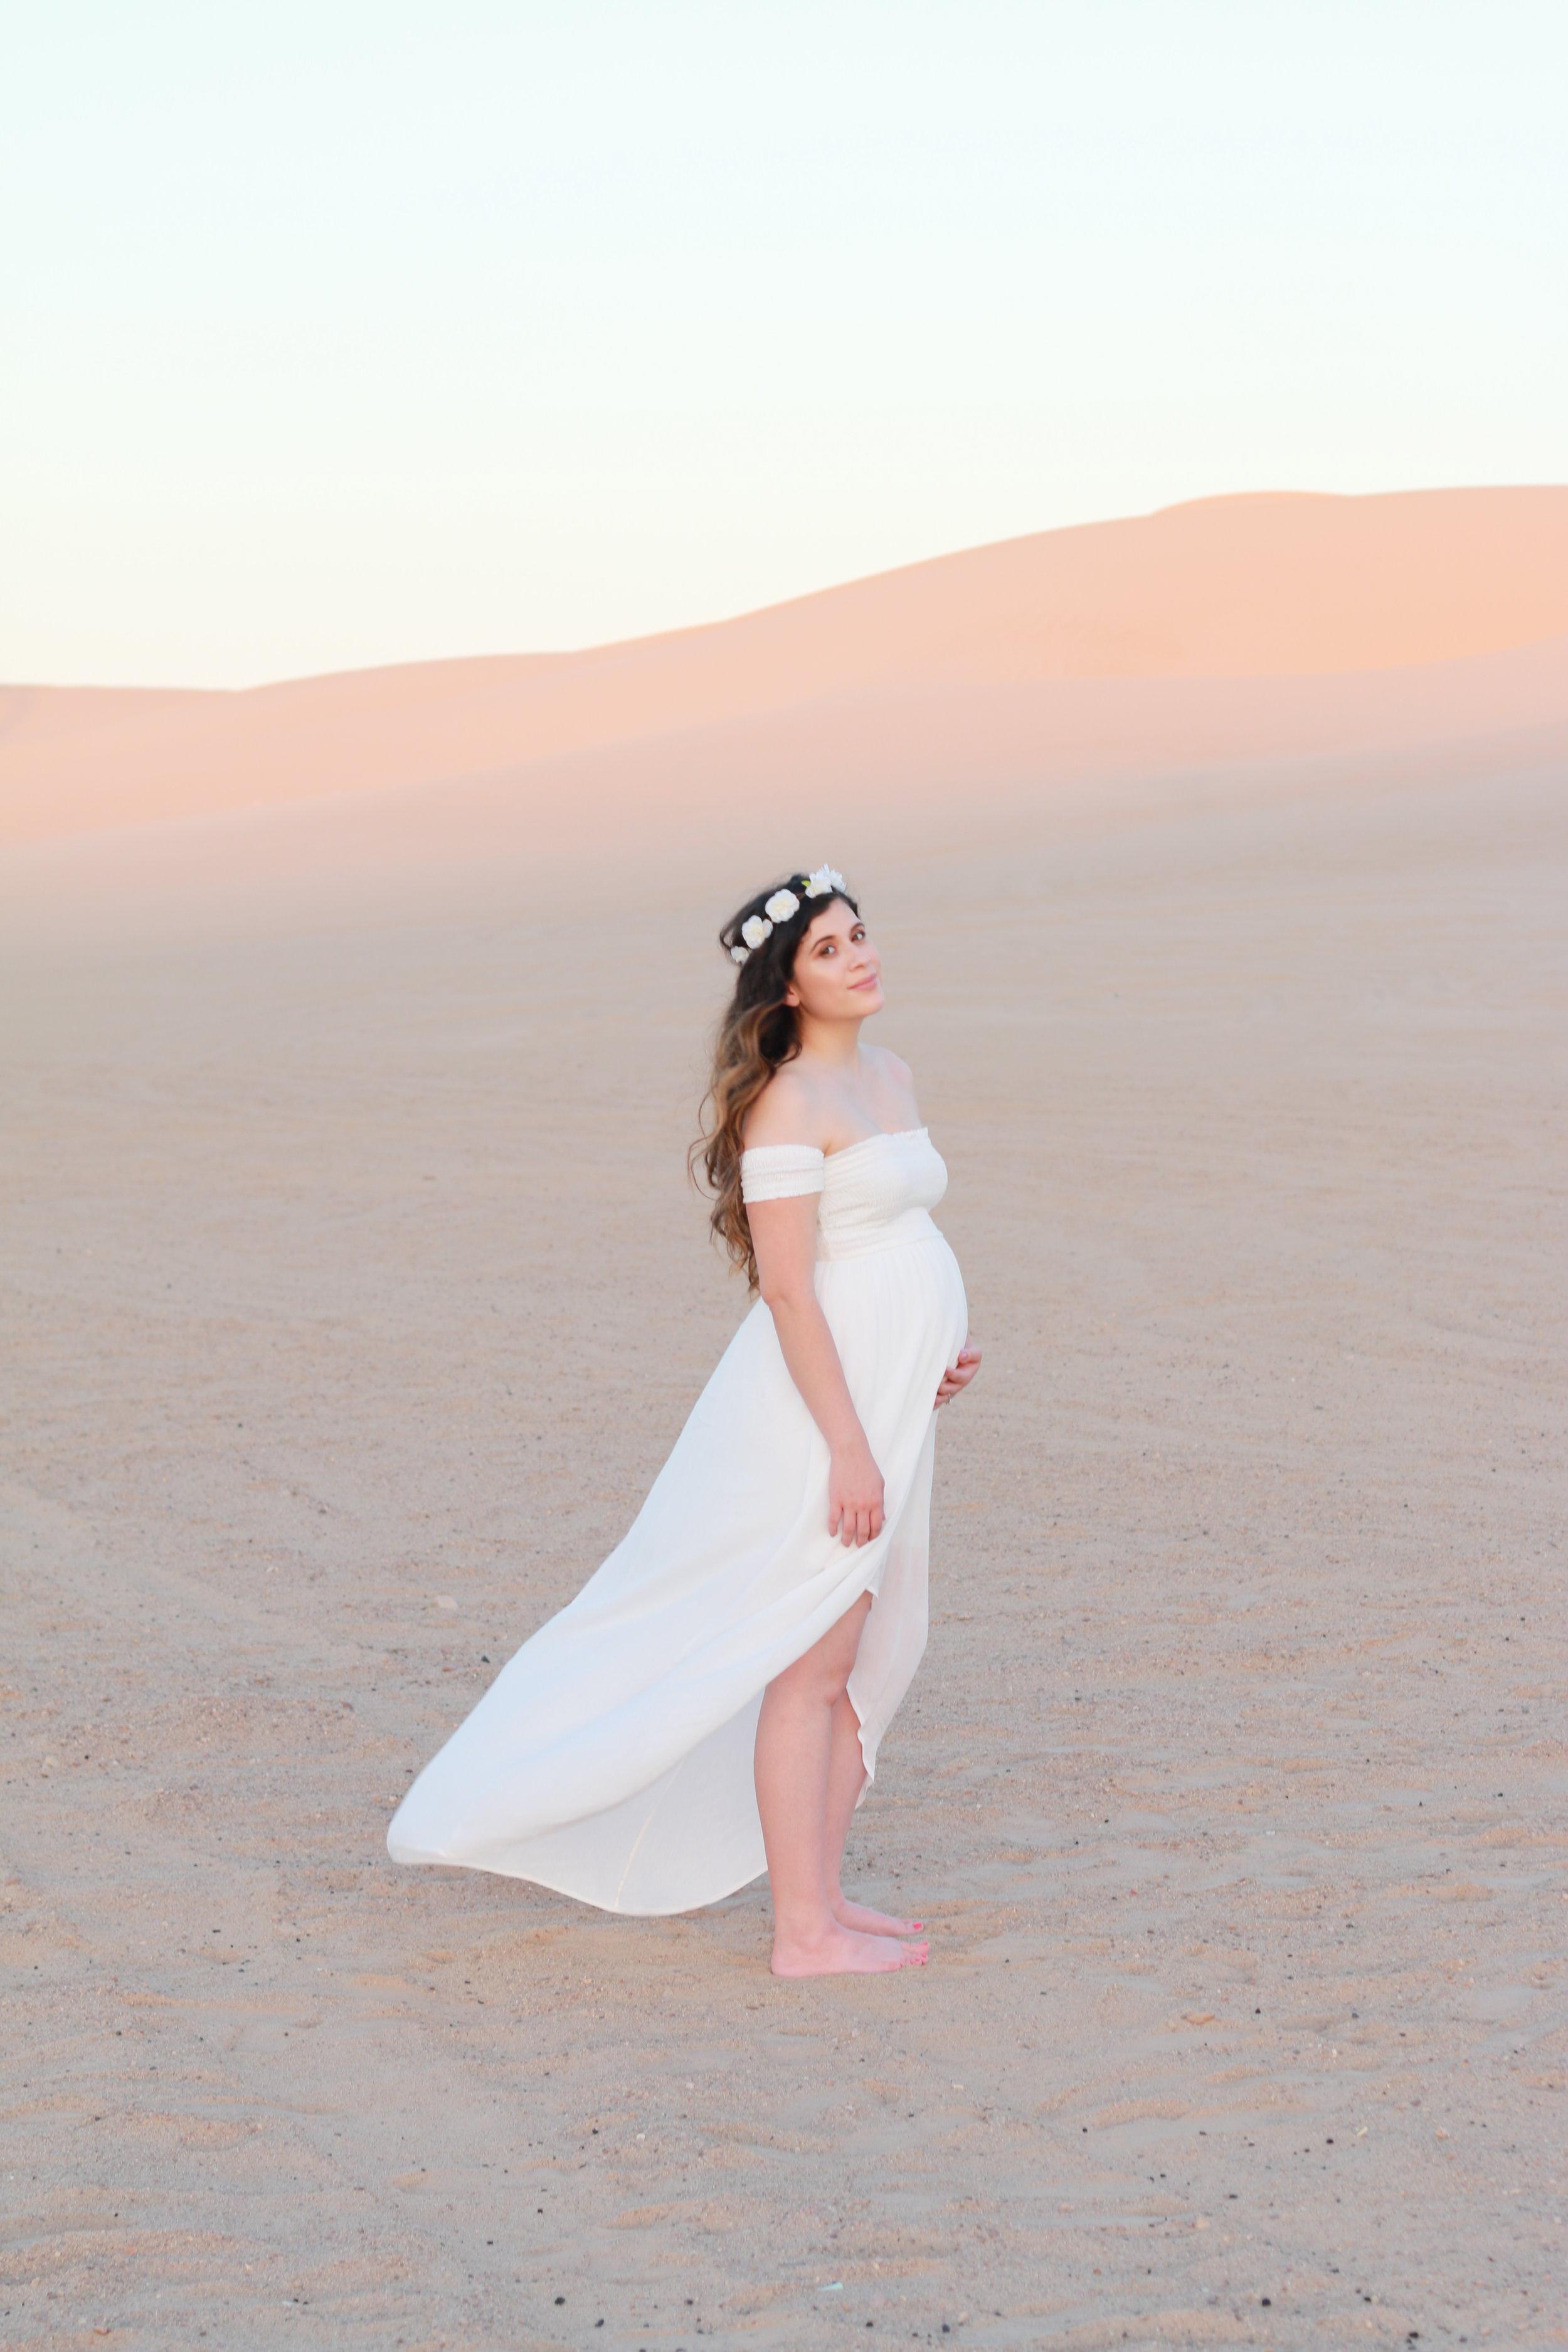 Anthony-and-Stork-Desert-Maternity-Shoot_2692.jpg